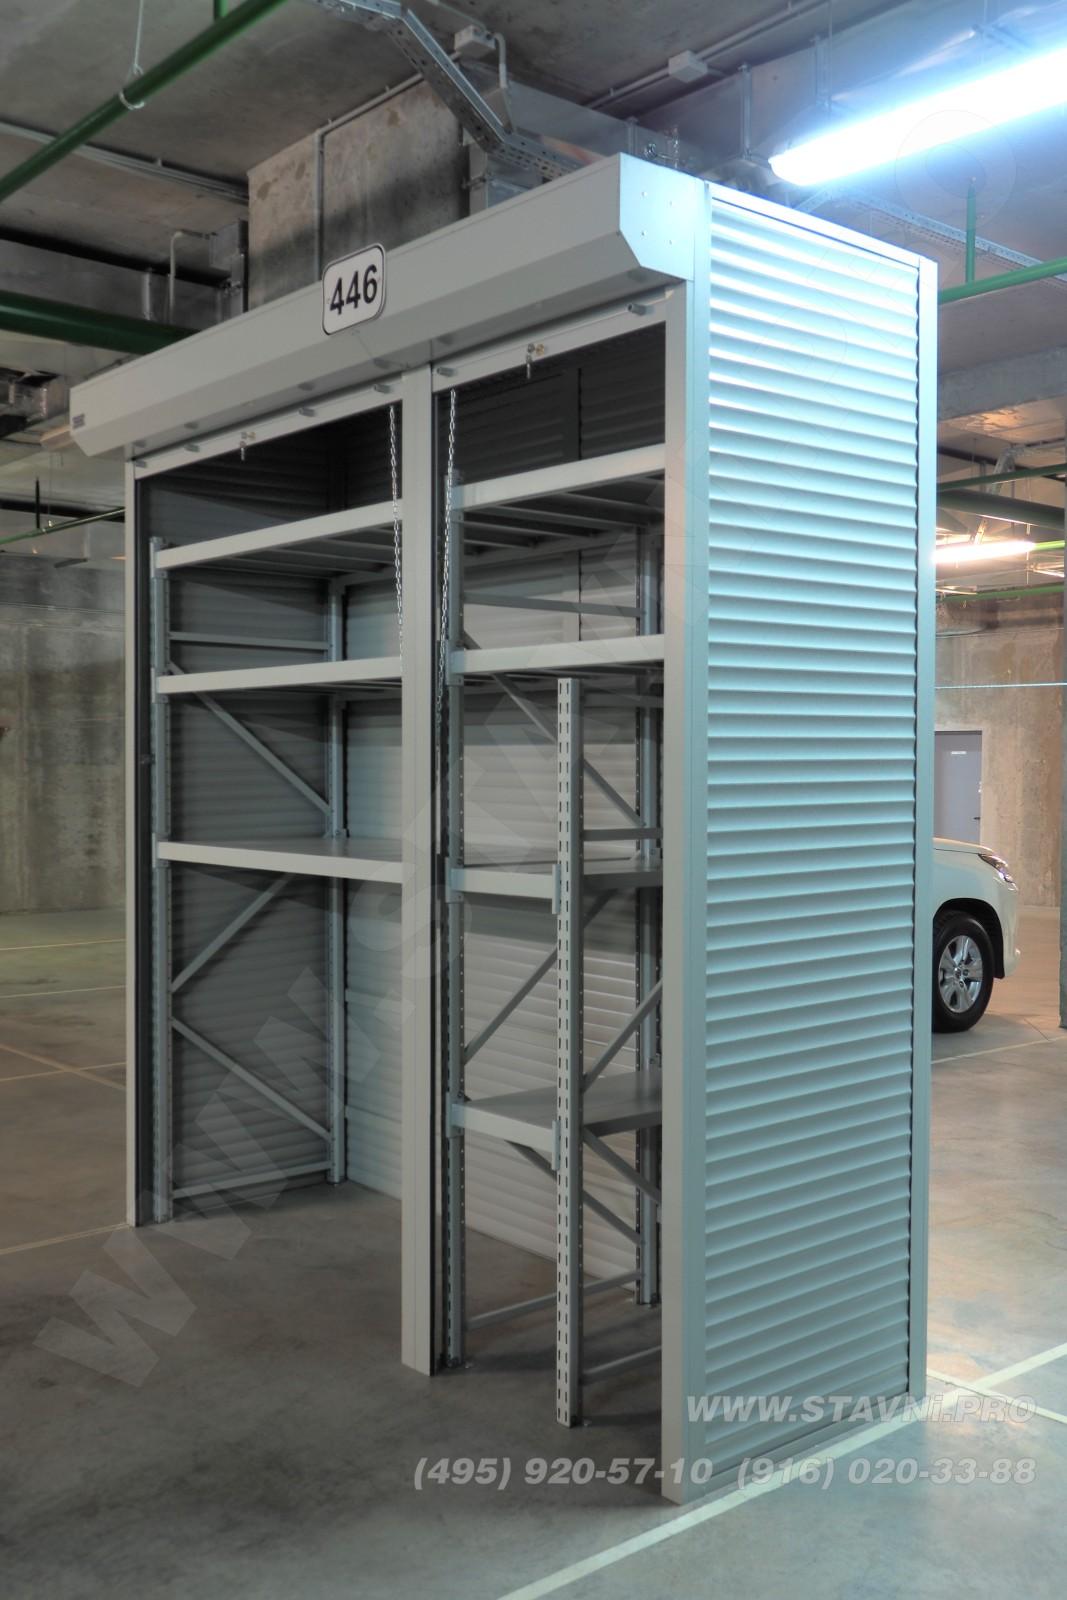 Перспективный вид на шкаф в общем зале парковки ЖК Скайфорт